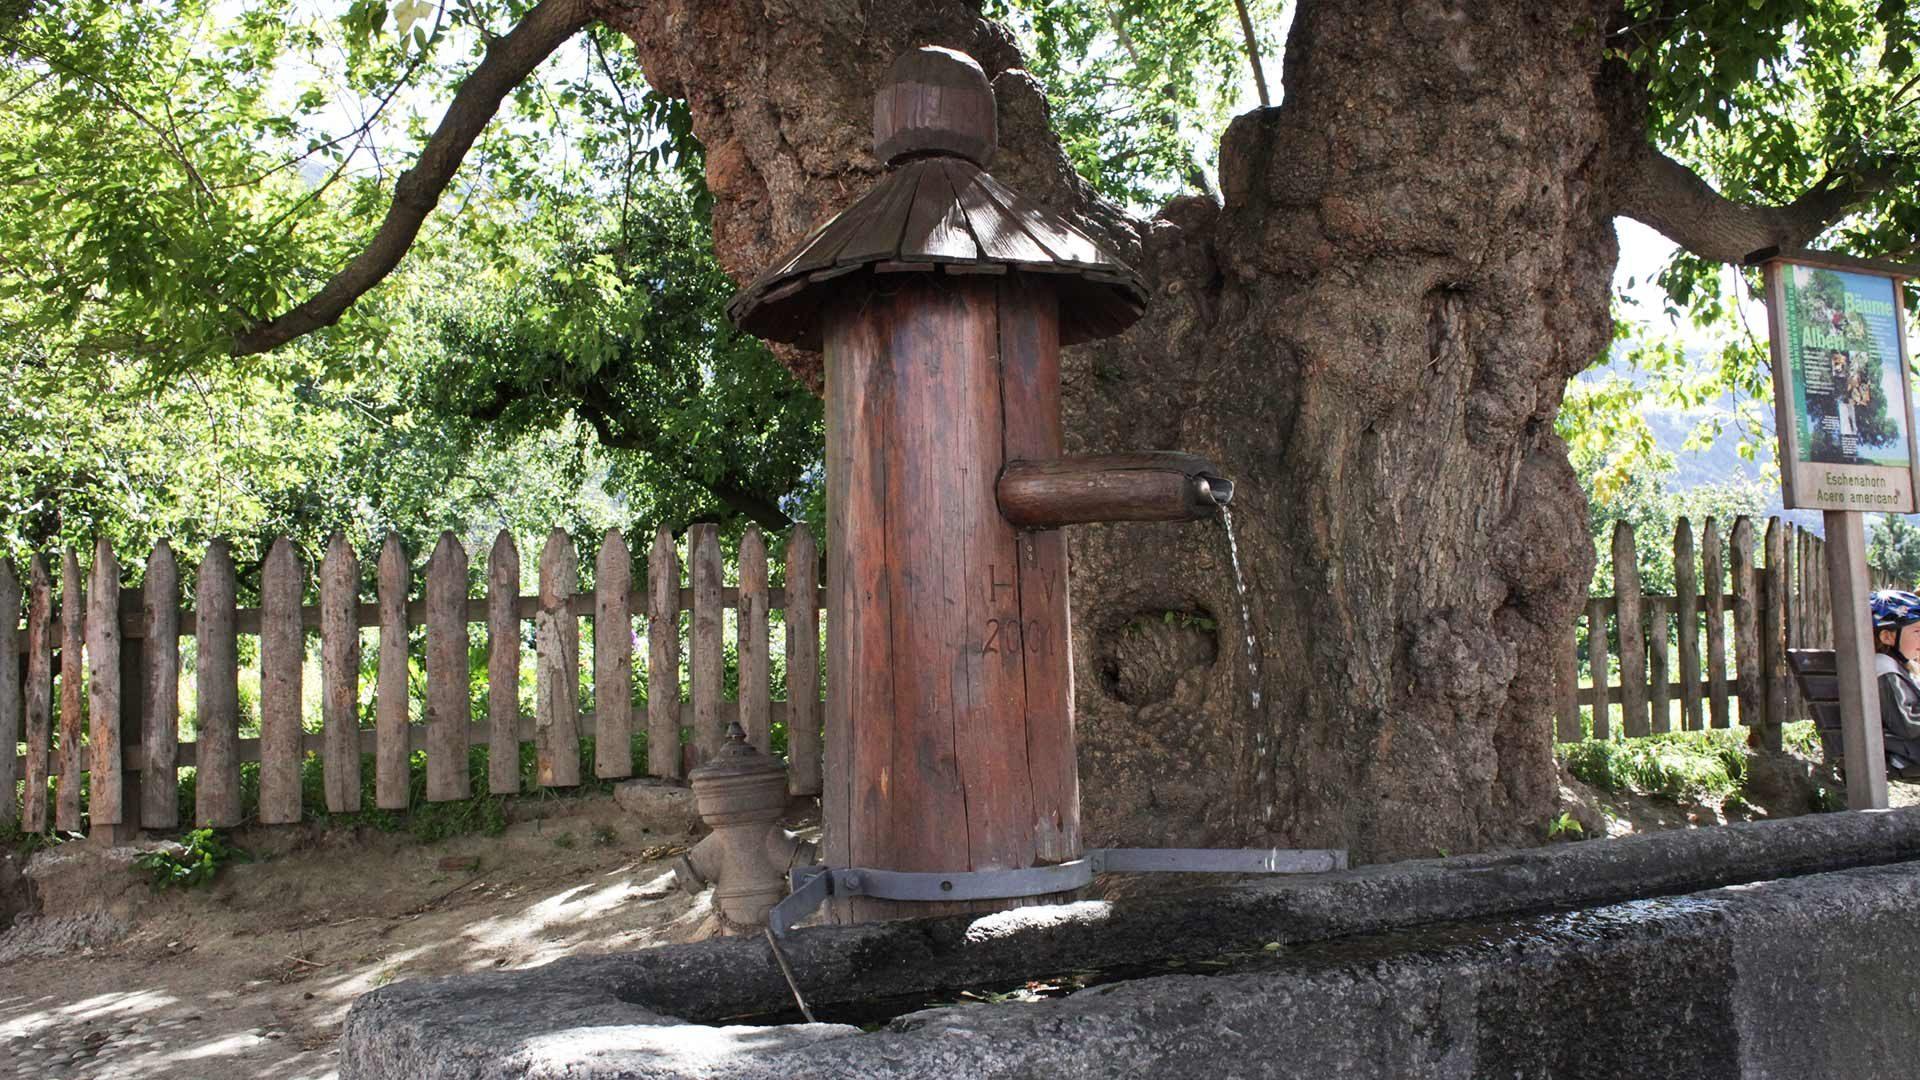 Naturdenkmal Eschenahorn und alter Brunnen